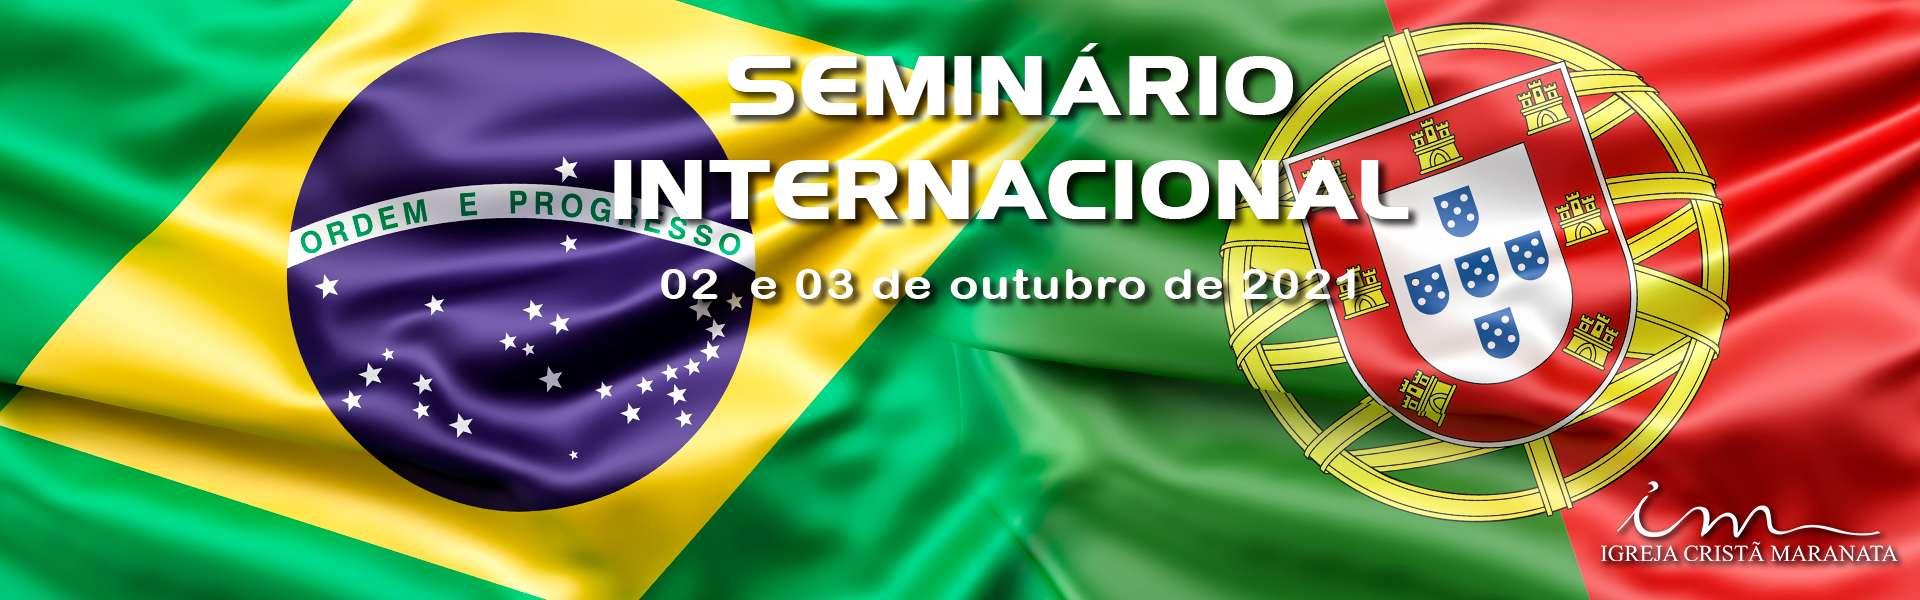 Seminário Internacional da Igreja Cristã Maranata diretamente de Portugal